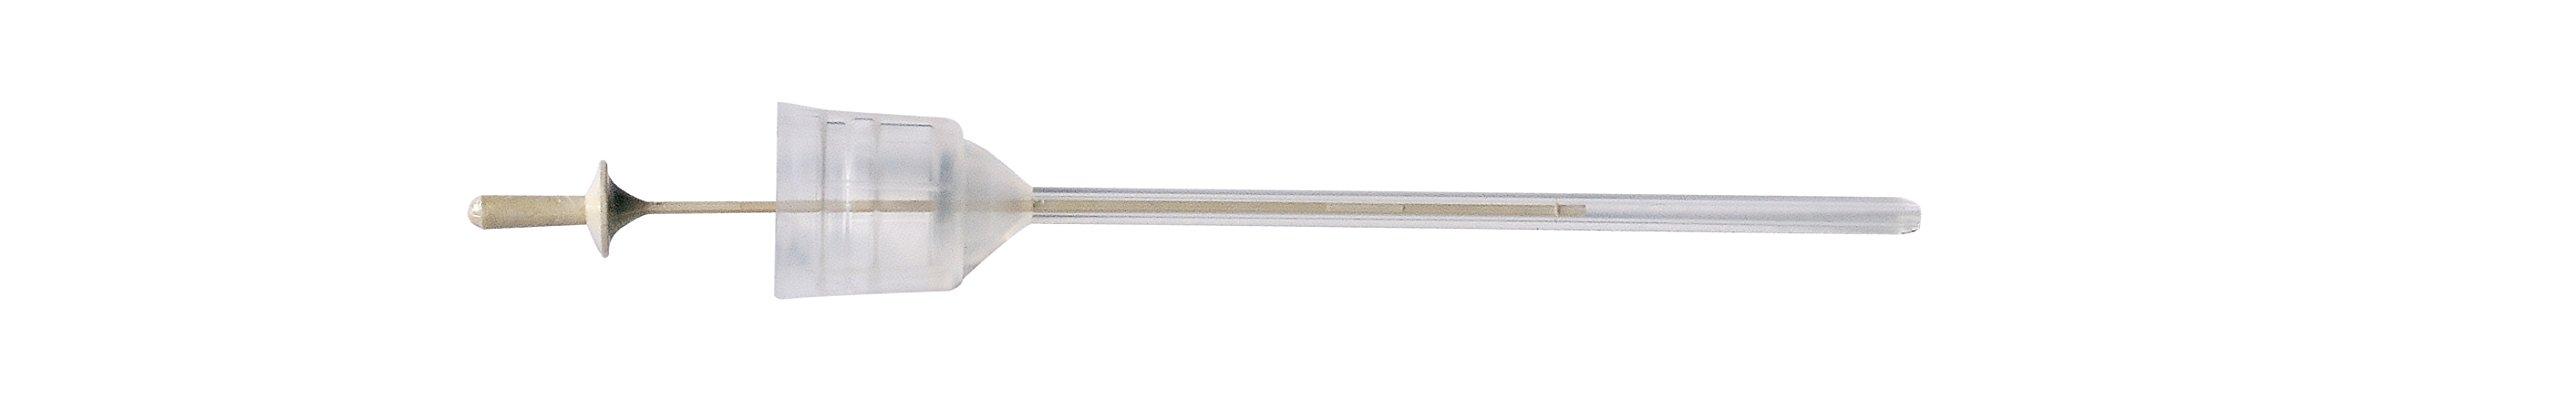 Gilson F148412 Capillary Piston Tips CP10, Non-sterile, Volume Range: 1-10 µL, Polypropylene (Pack of 92)